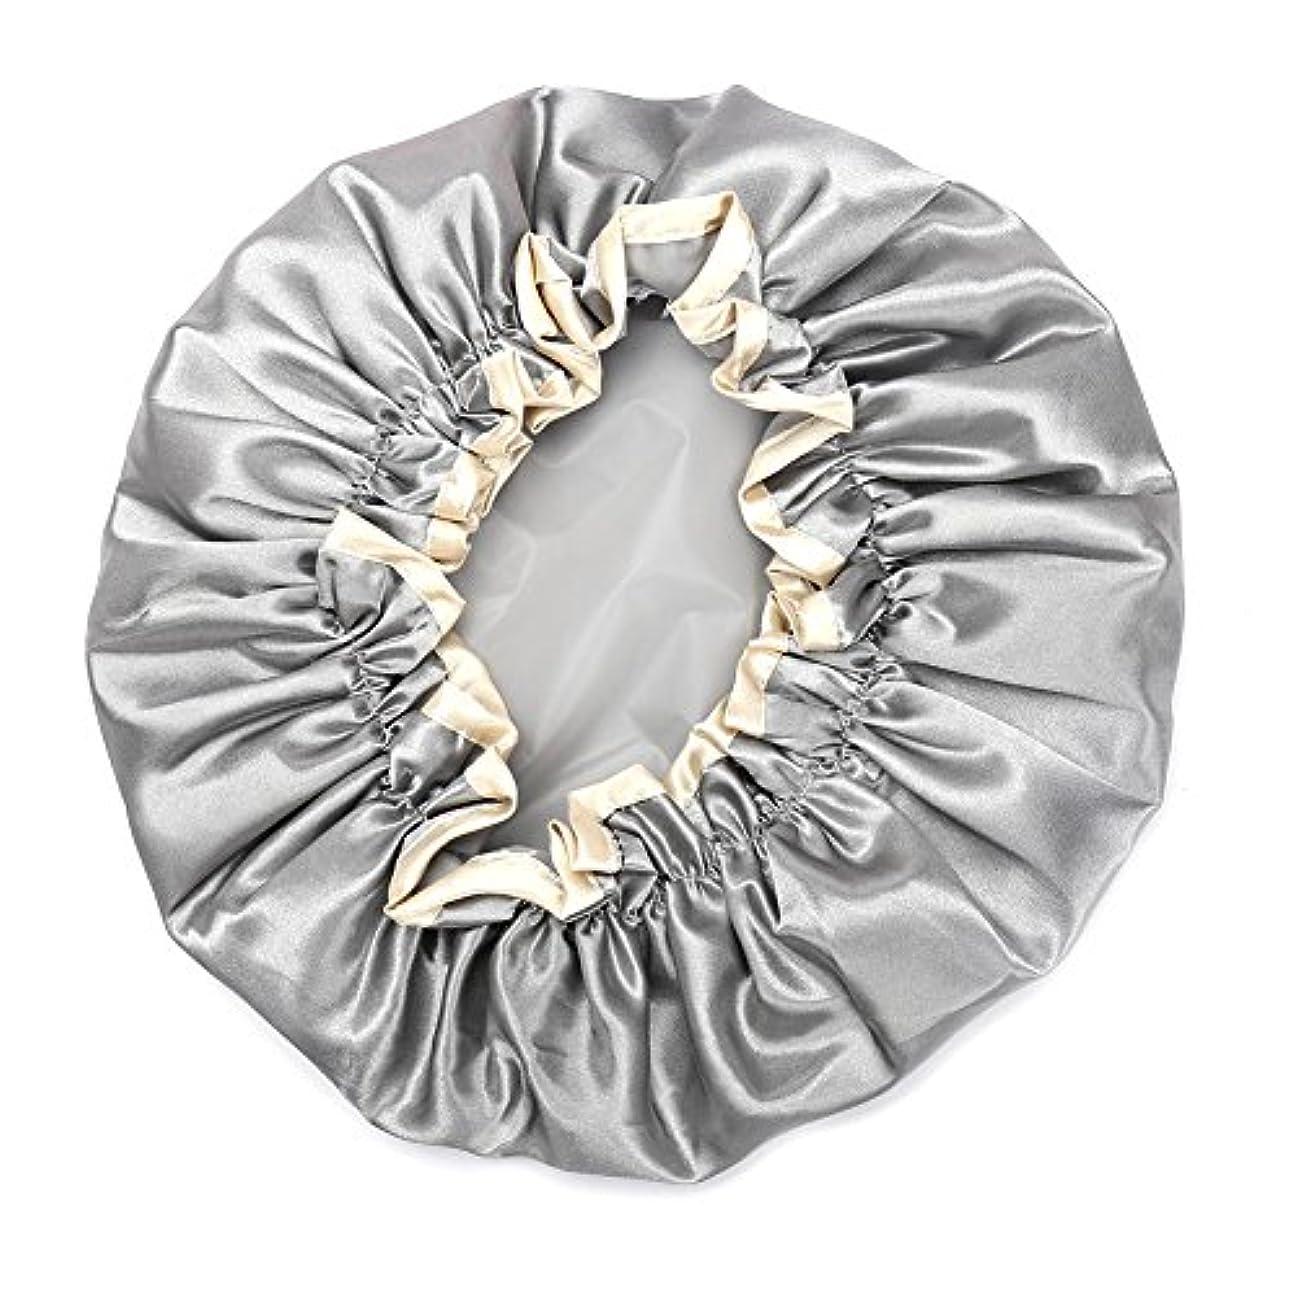 描写大使館ドラゴンHitchlike シャワーキャップ ヘアキャップ ヘアーキャップ ヘアーターバン 入浴キャップ 帽子 お風呂、シャワー用に 浴用帽子 便利 女性の弾性の防水入浴シャワーキャップ再使用可能なサロンの髪を保護する帽子